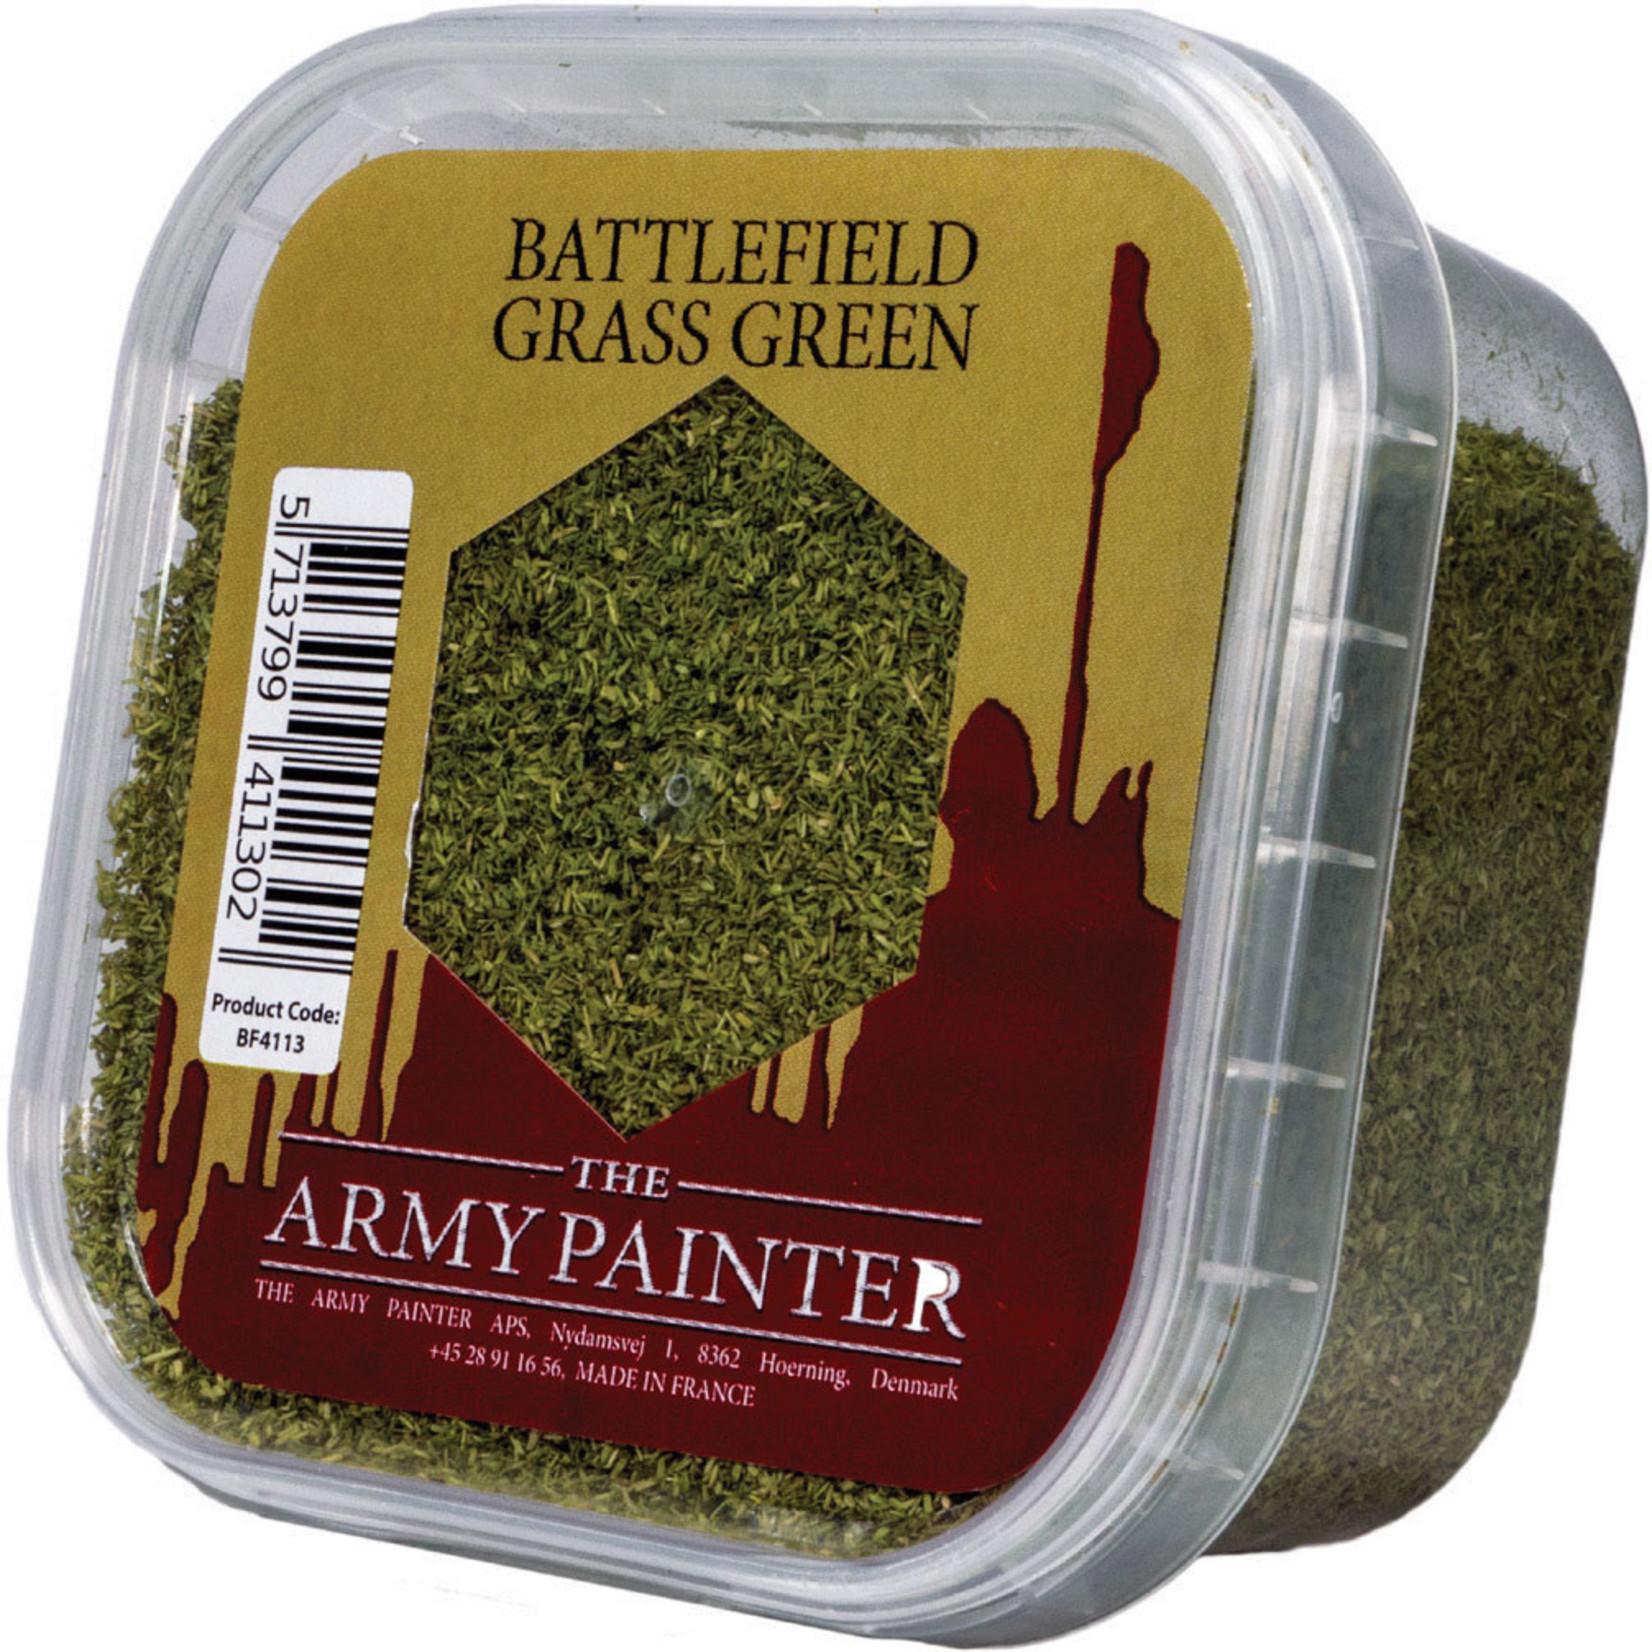 Army Painter Battlefields: Battlefield Grass Green